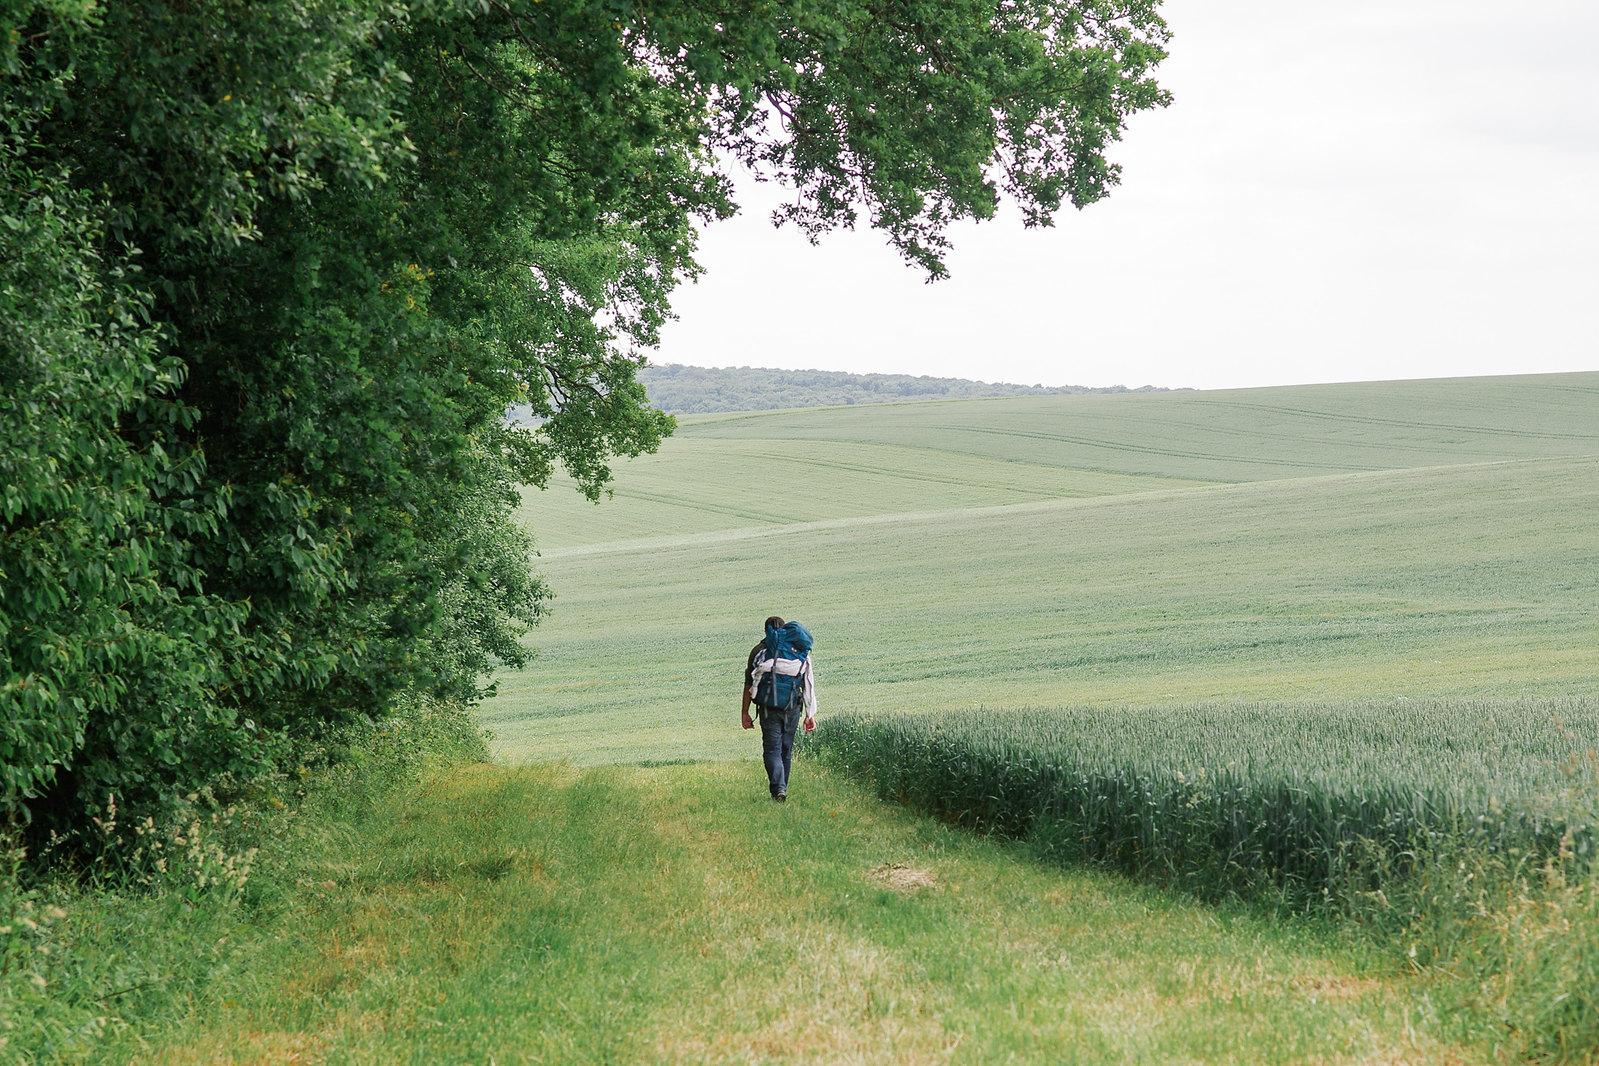 Tourisme vert dans la Meuse - de la Meuse à l'Argonne - Balade nature